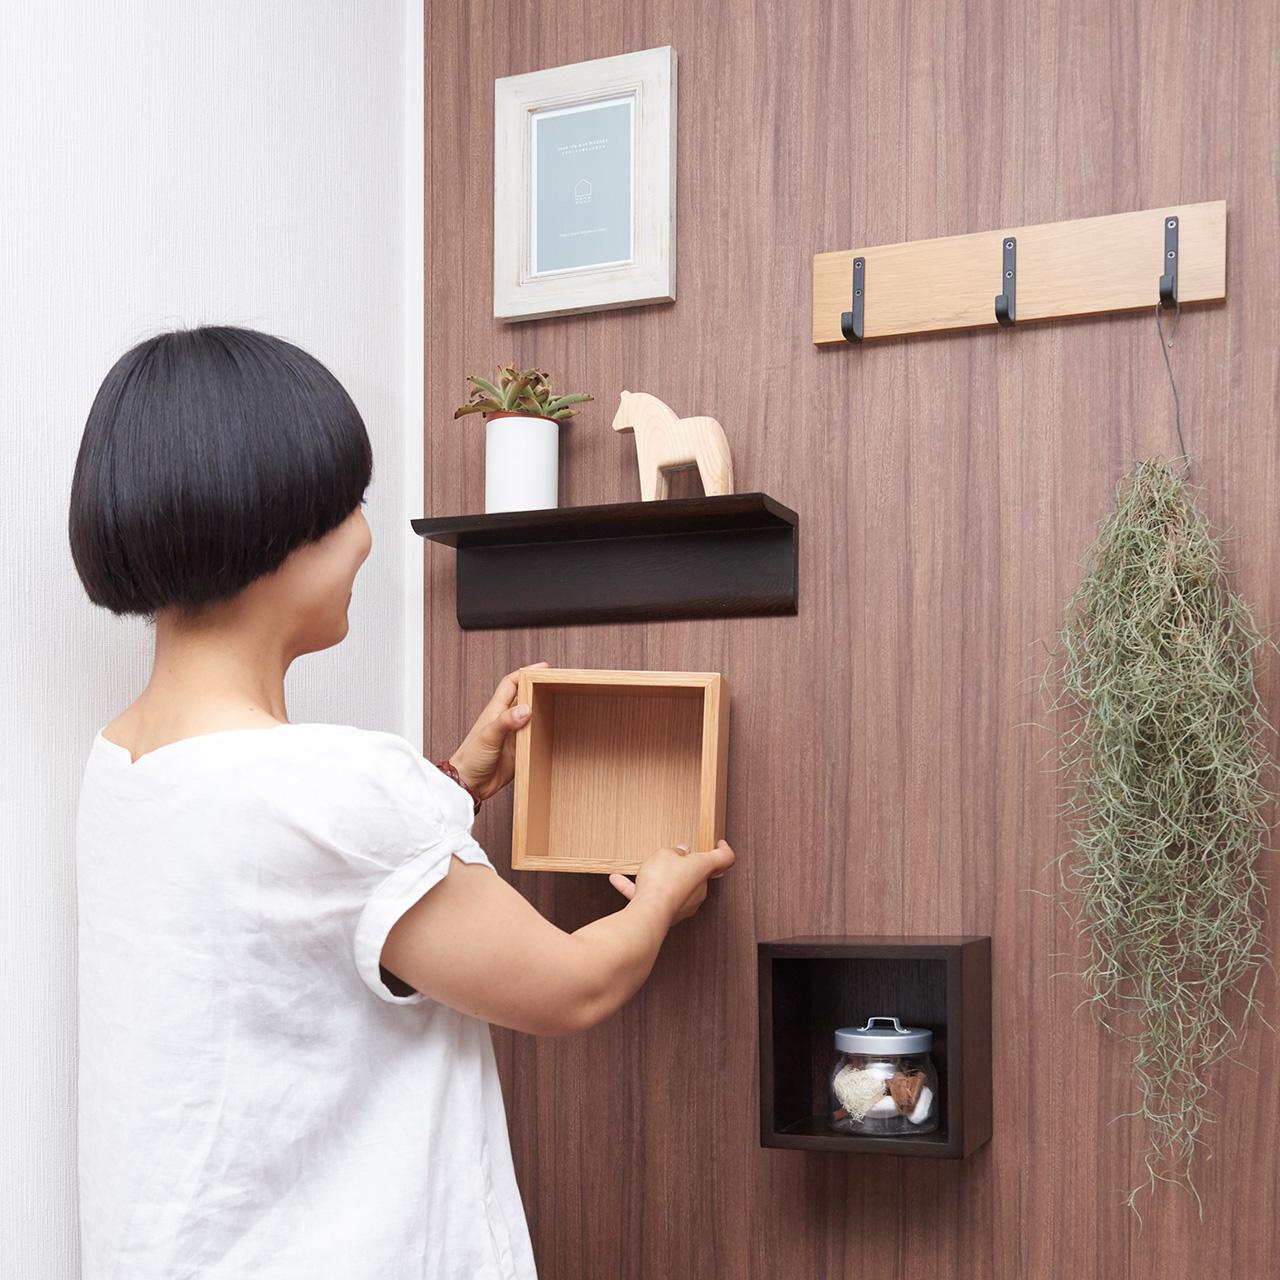 【無料サンプリング】壁を傷つけないウォールデコ♪磁石の力を使ったディスプレイアイテムをプレゼント